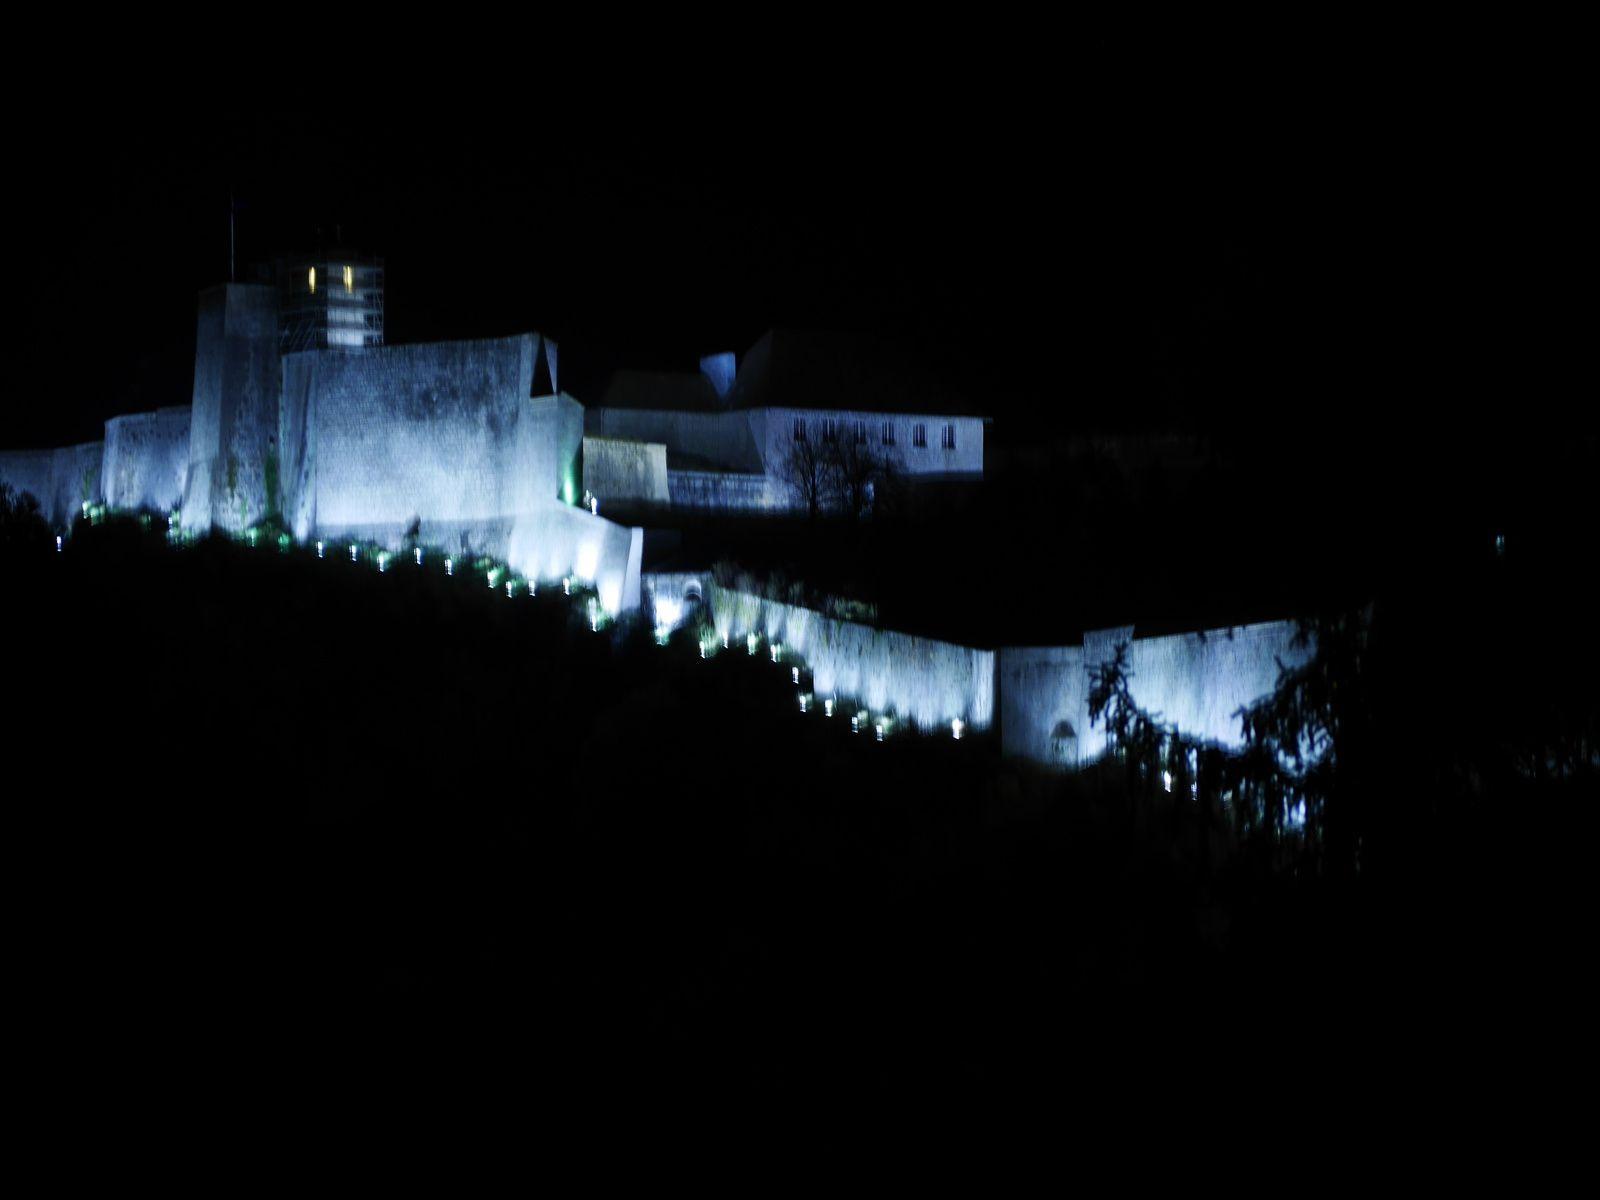 Voir aussi l'article du 8 novembre : la Citadelle ...de l'autre côté !